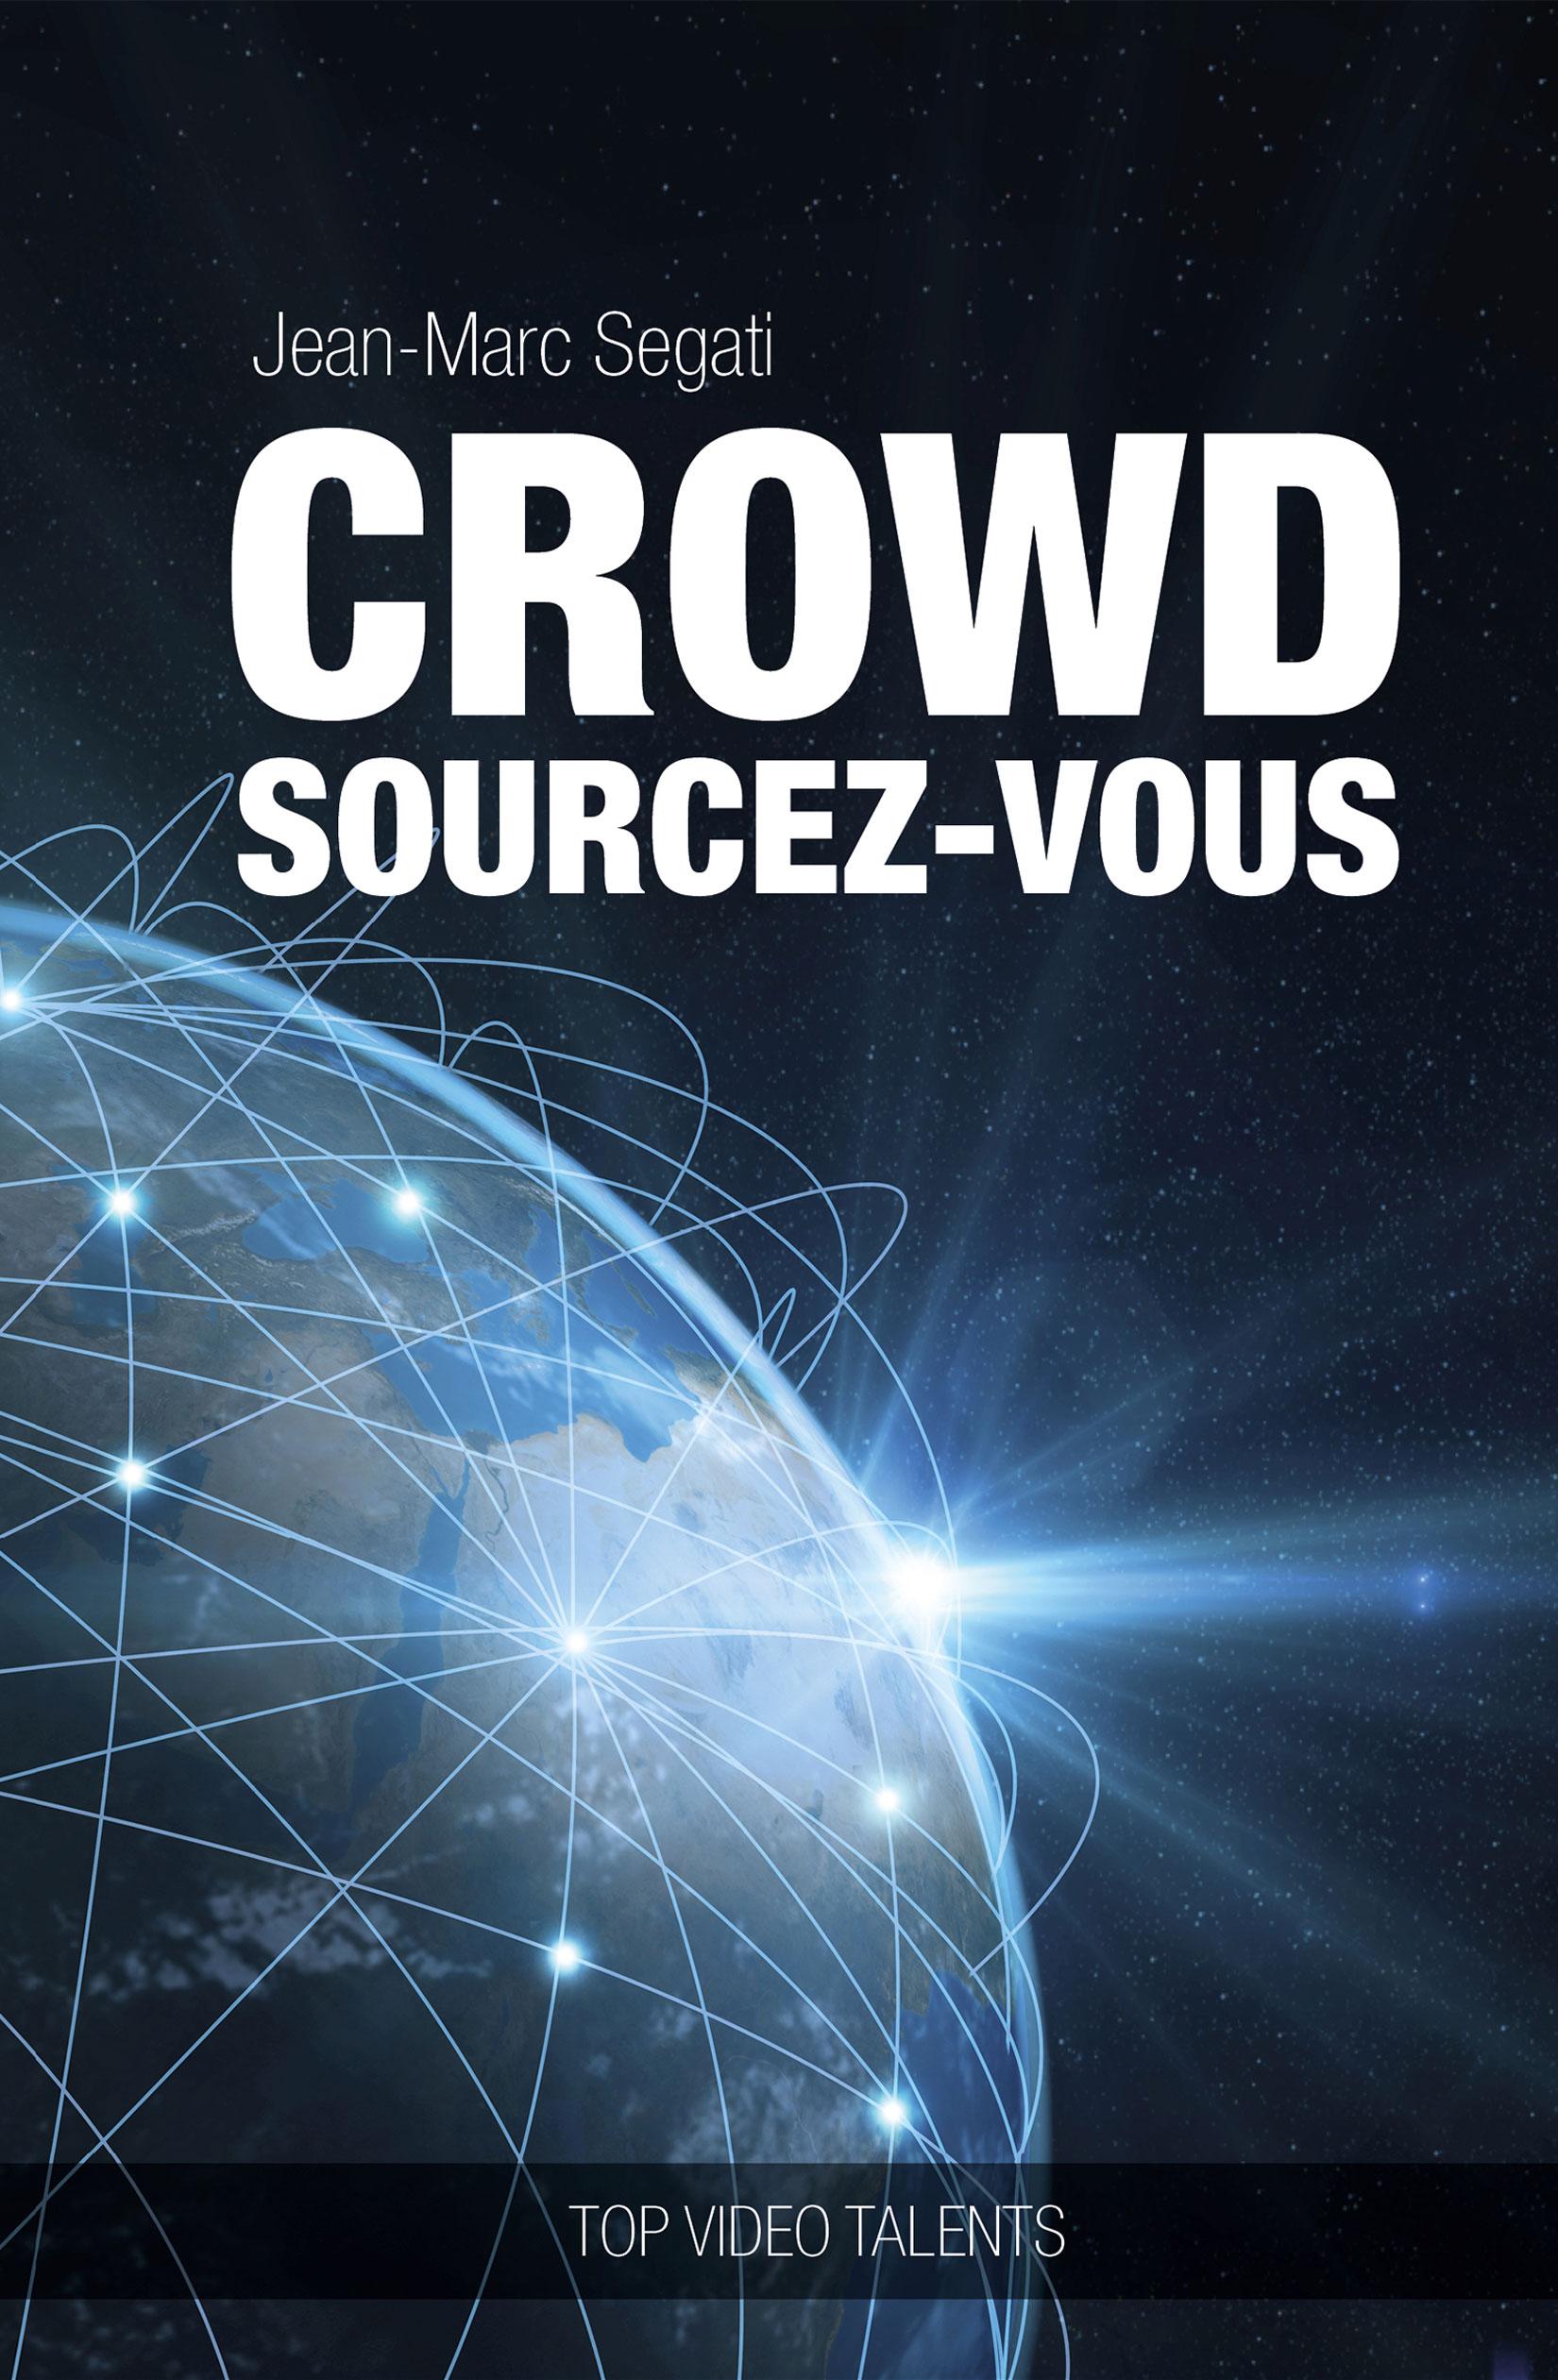 crowd sourcez vous